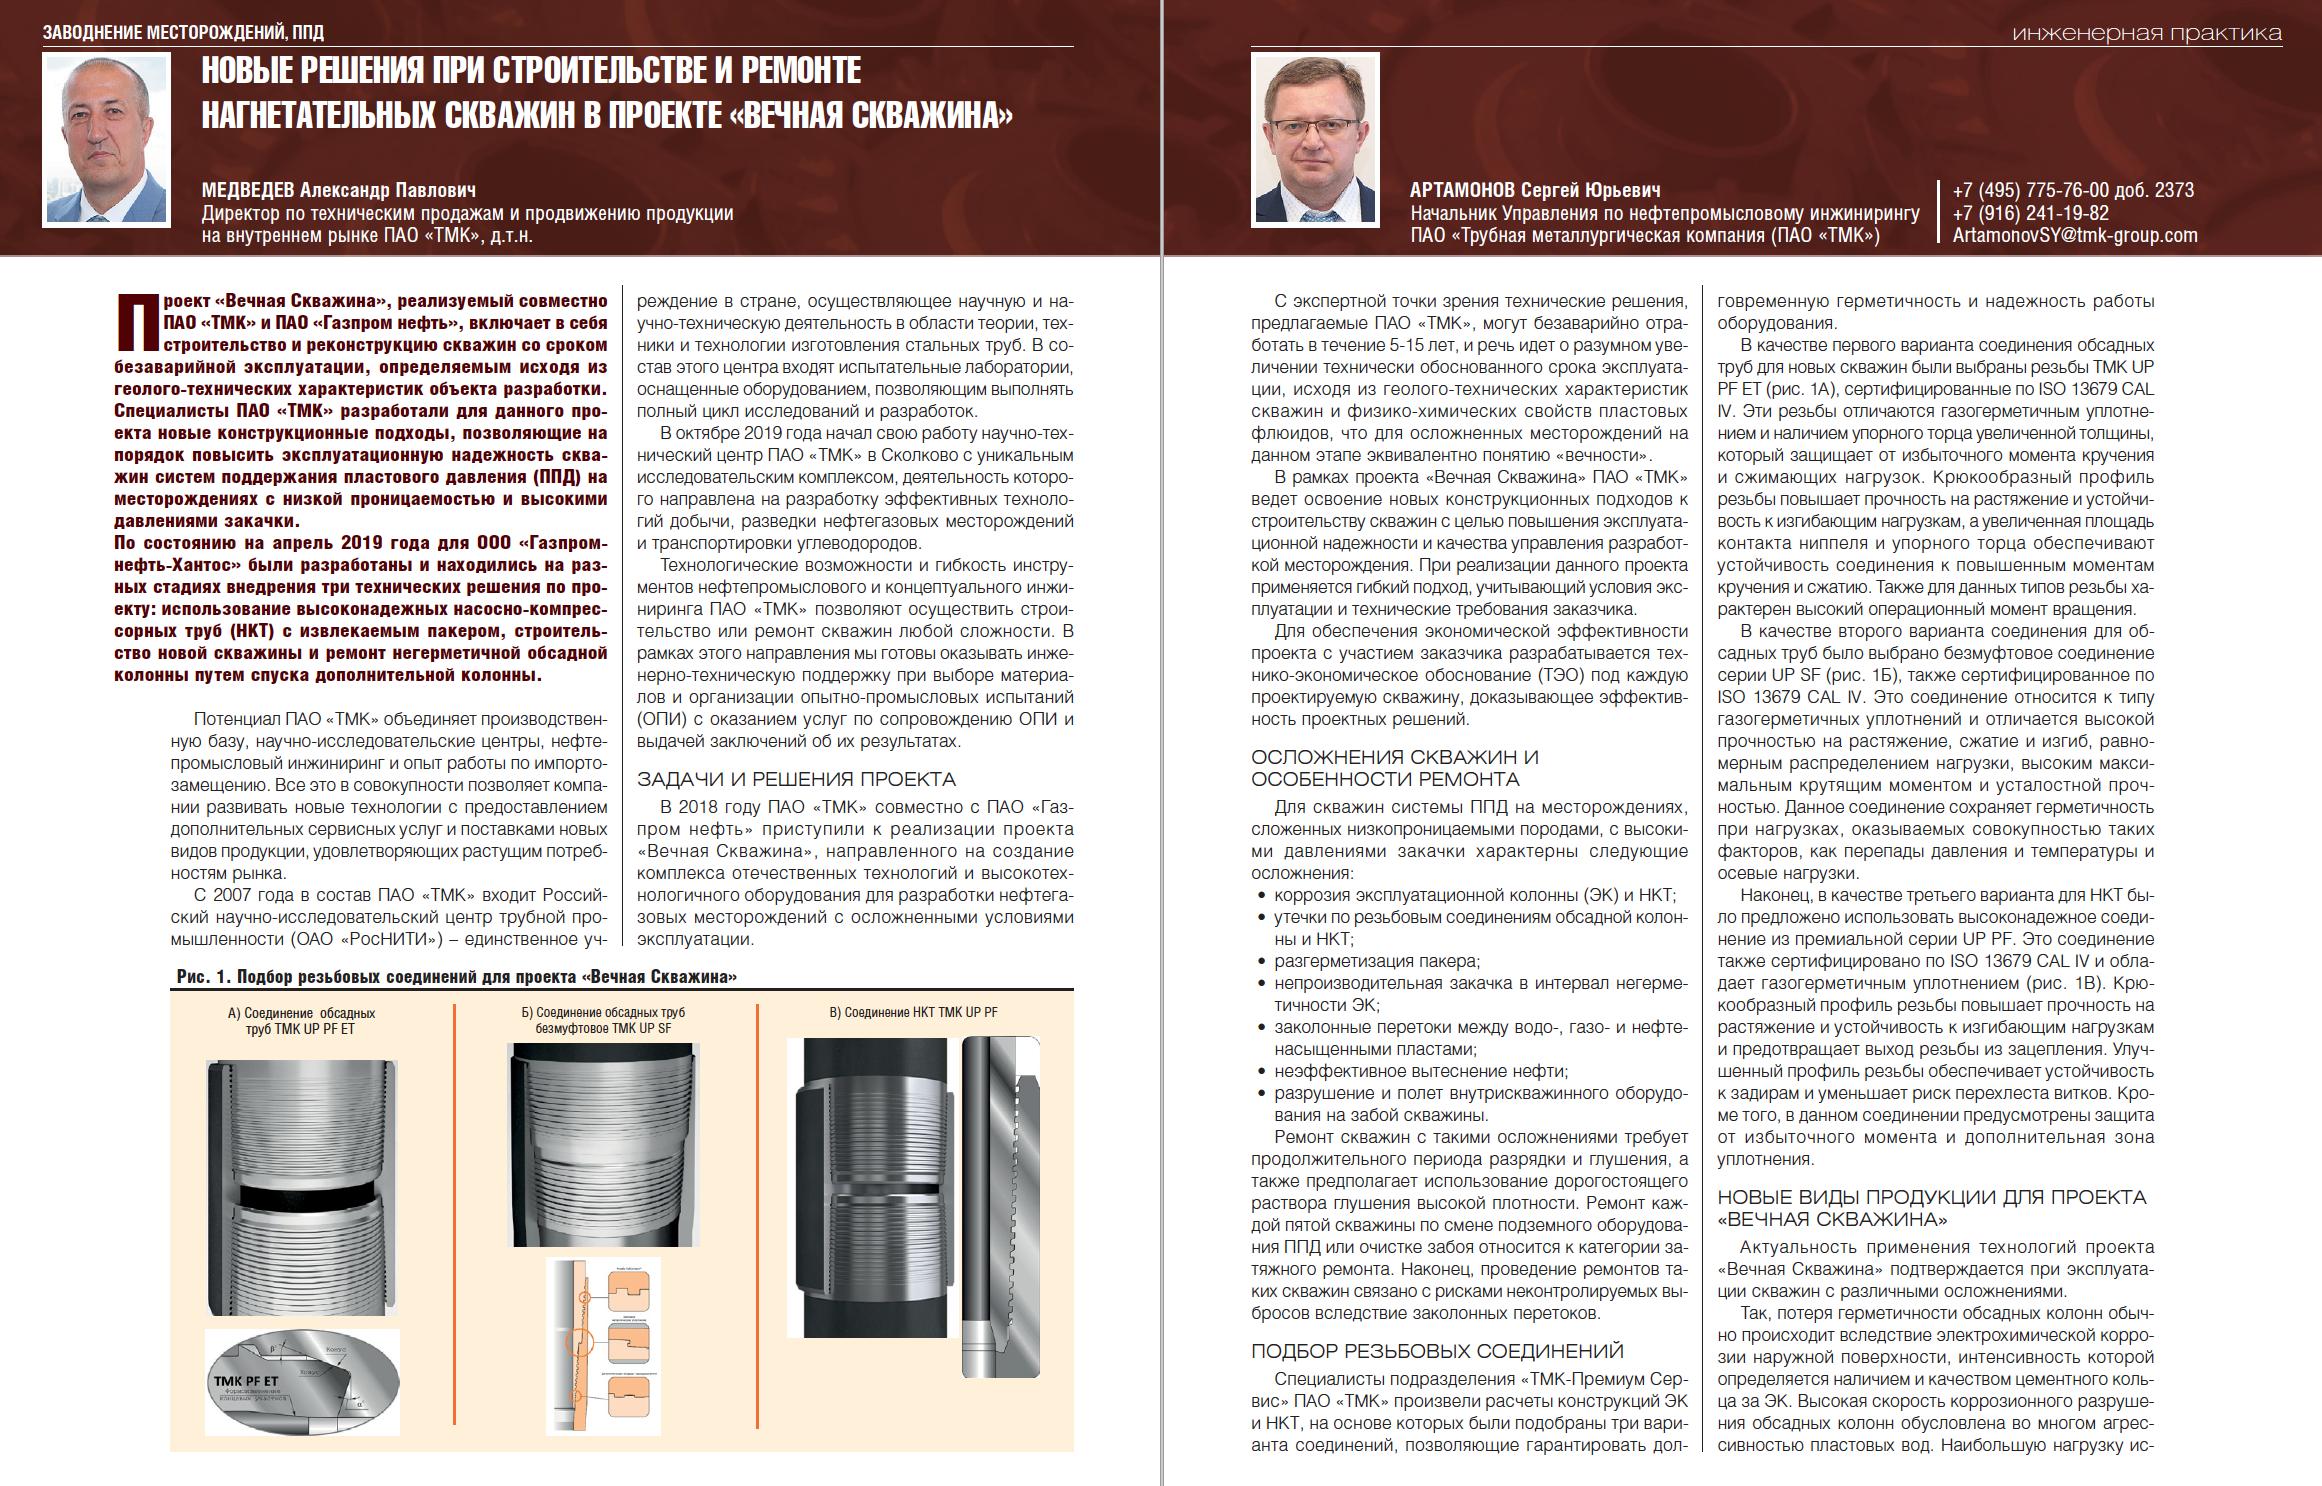 31672 Новые решения при строительстве и ремонте нагнетательных скважин в проекте «Вечная скважина»